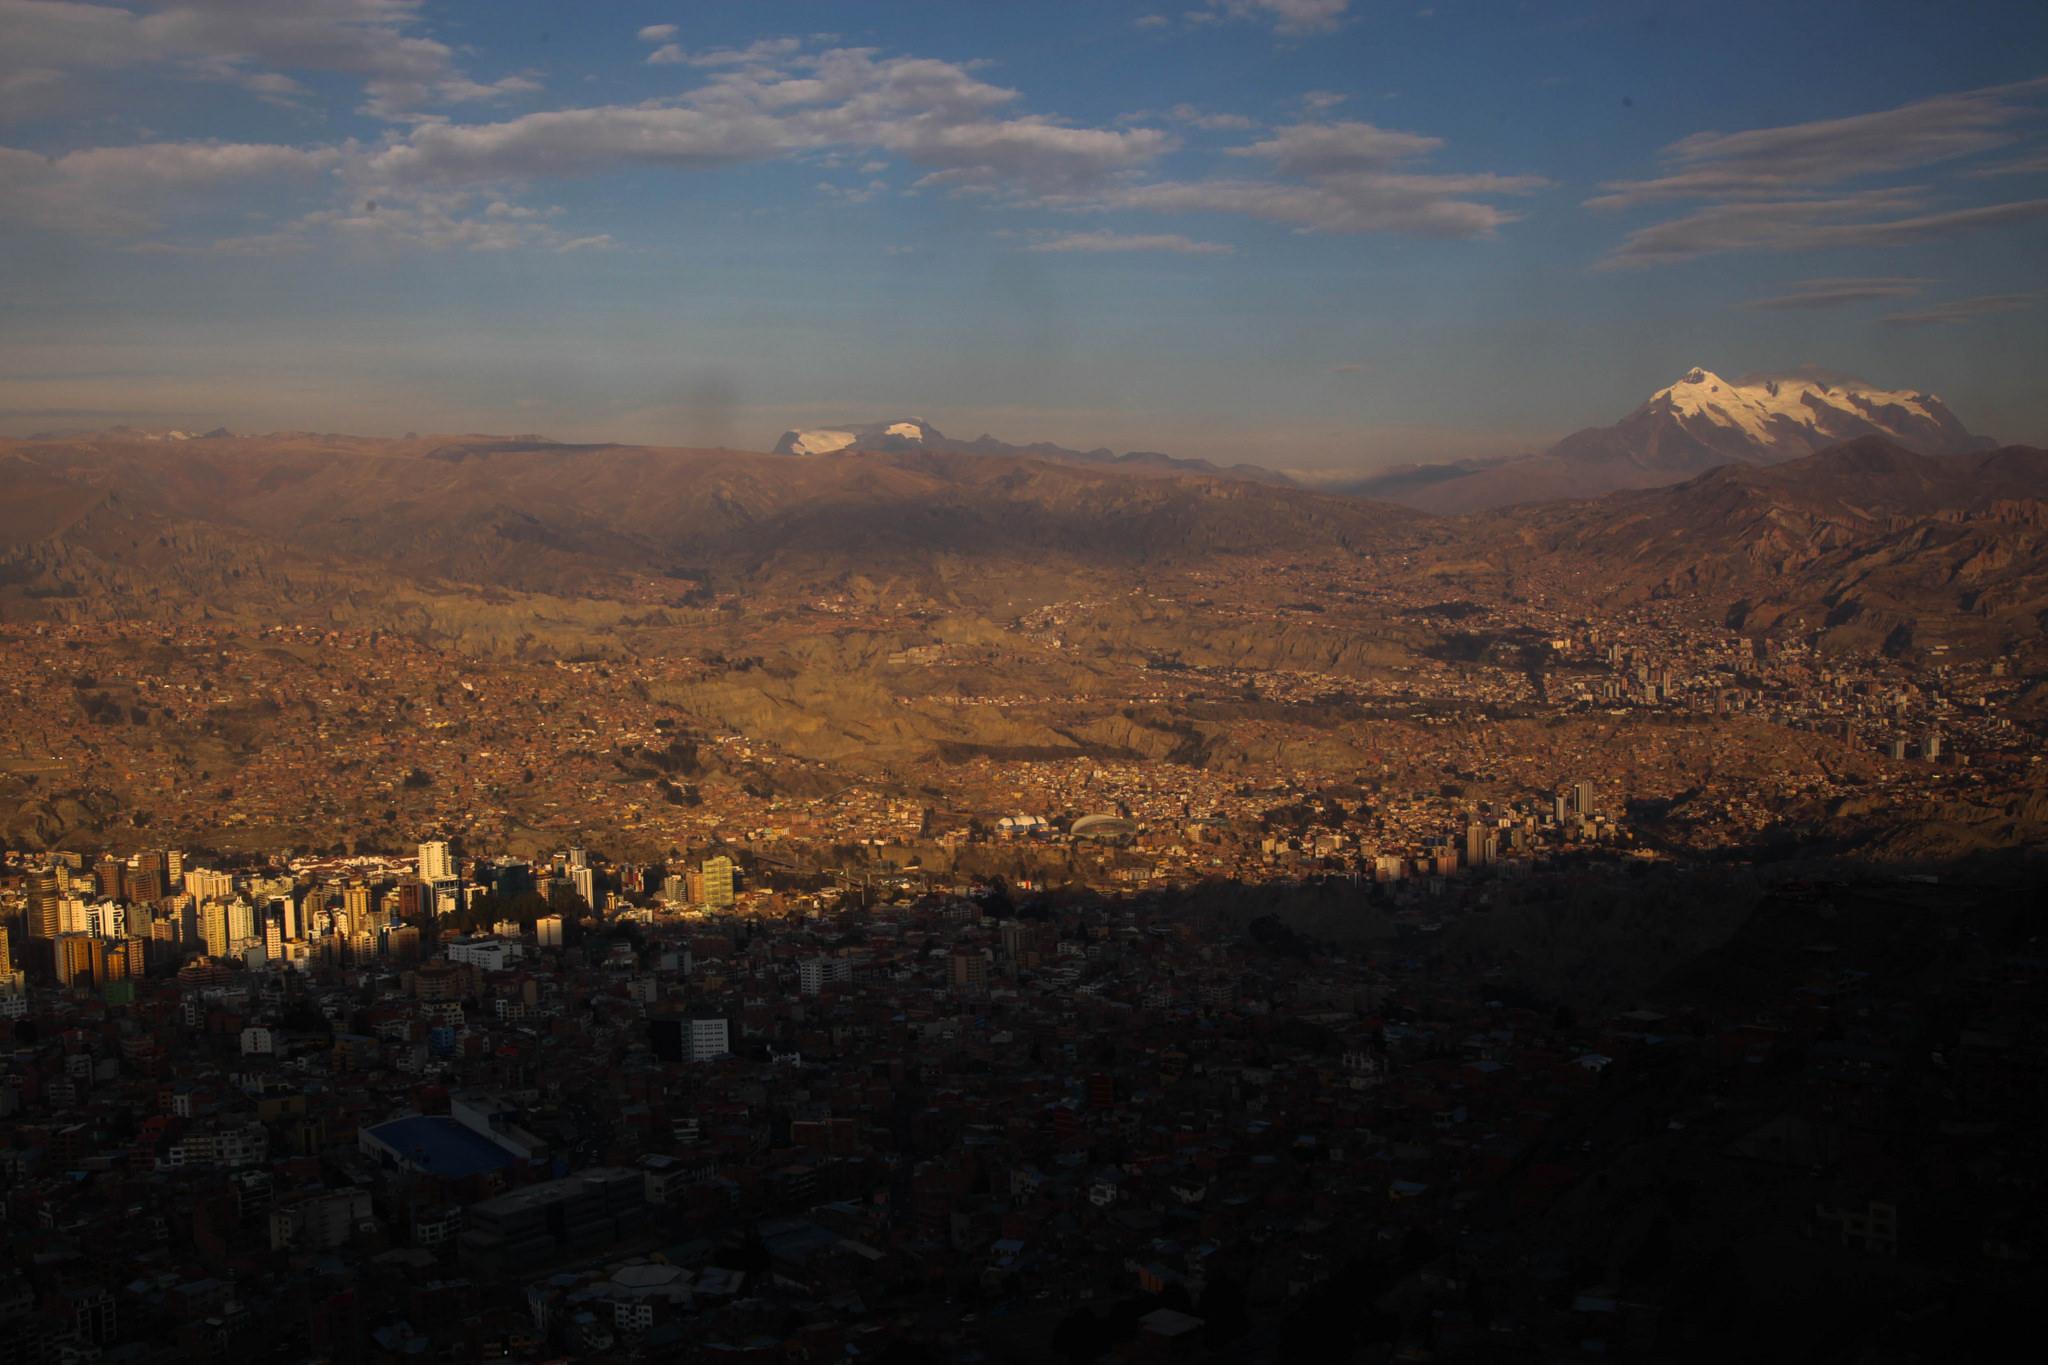 La Paz viewed from El Alto